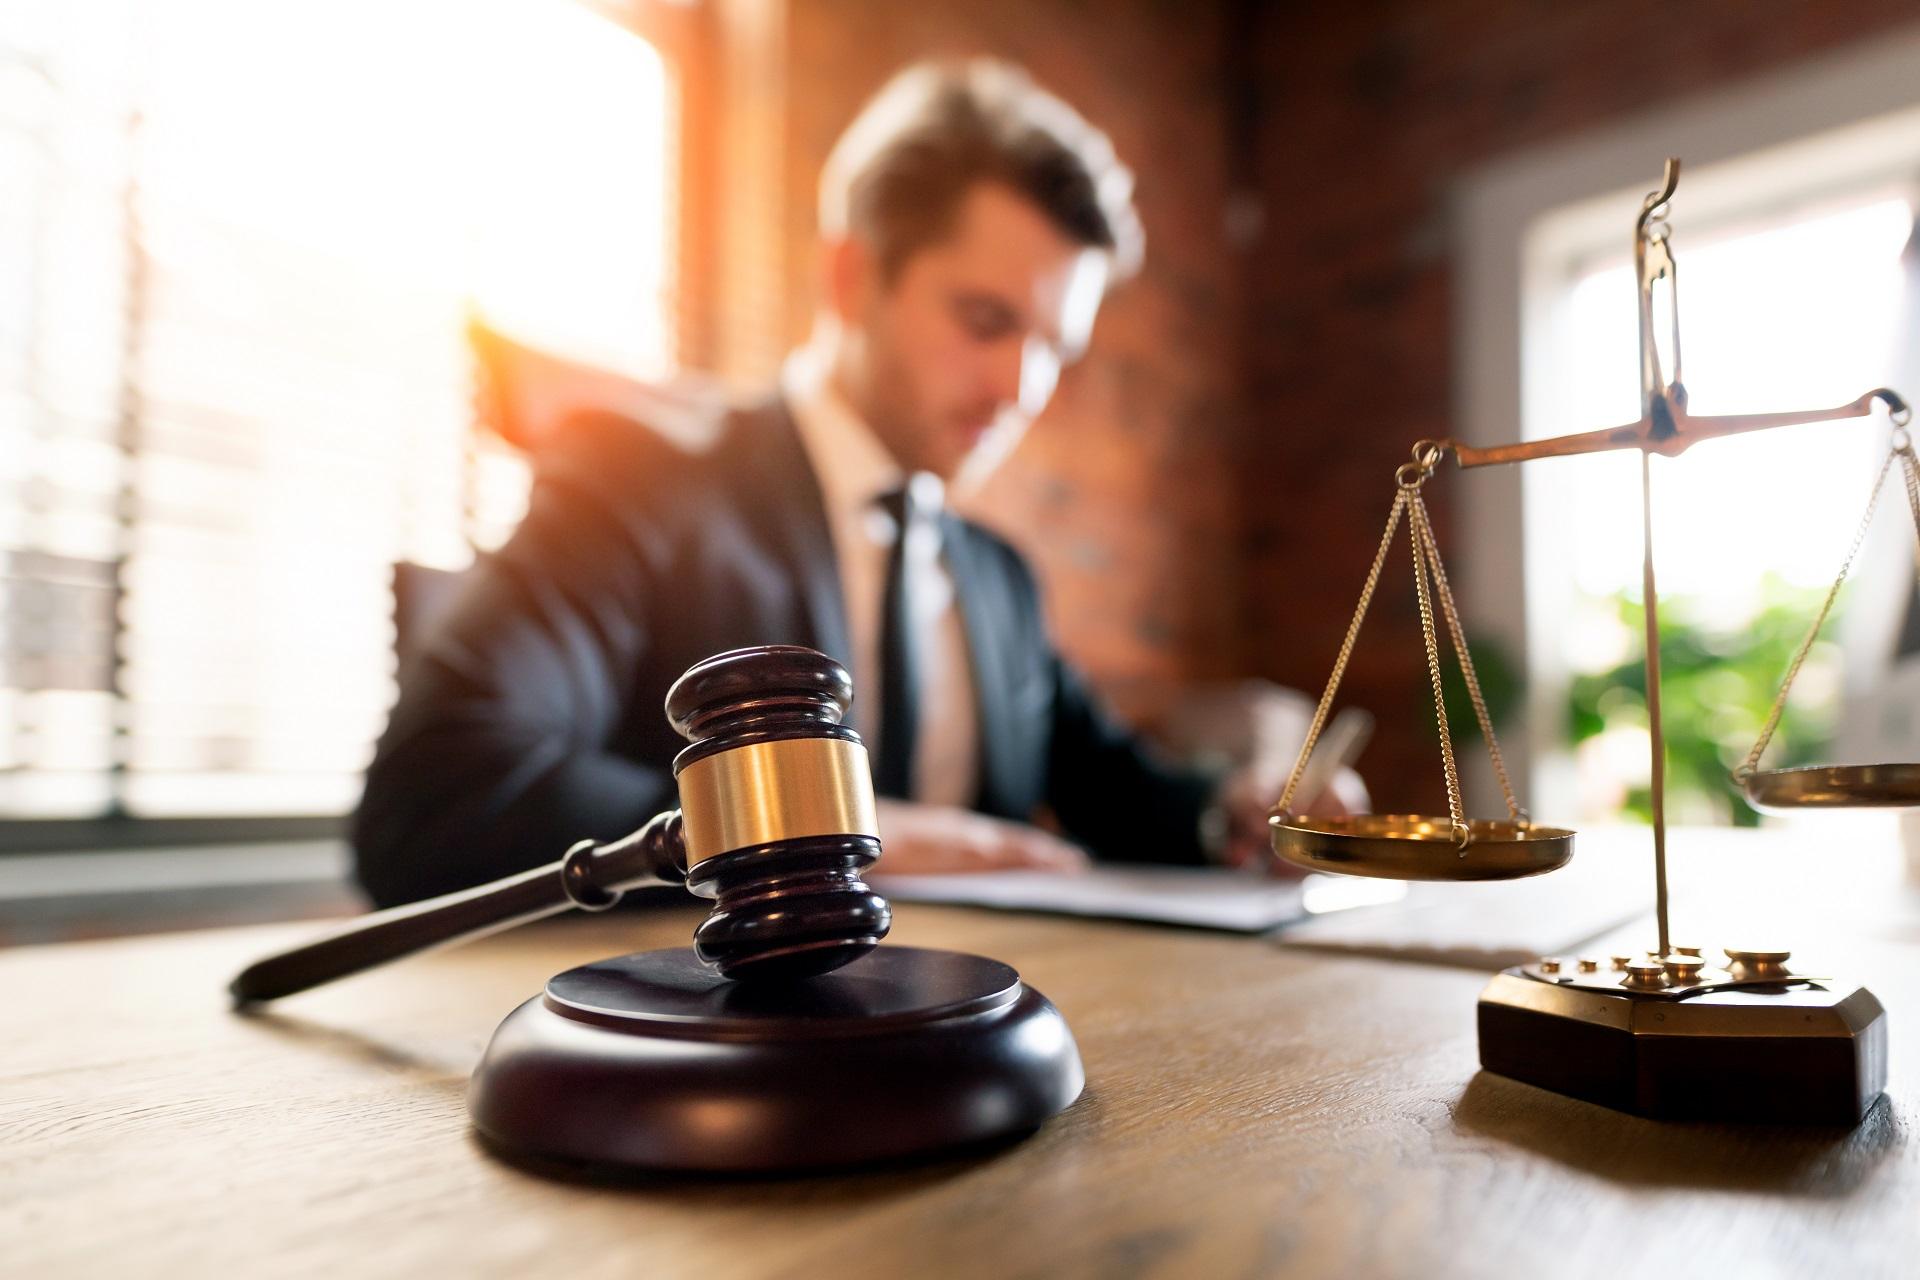 Trouver le bon avocat en Allemagne - 10 conseils pour votre recherche